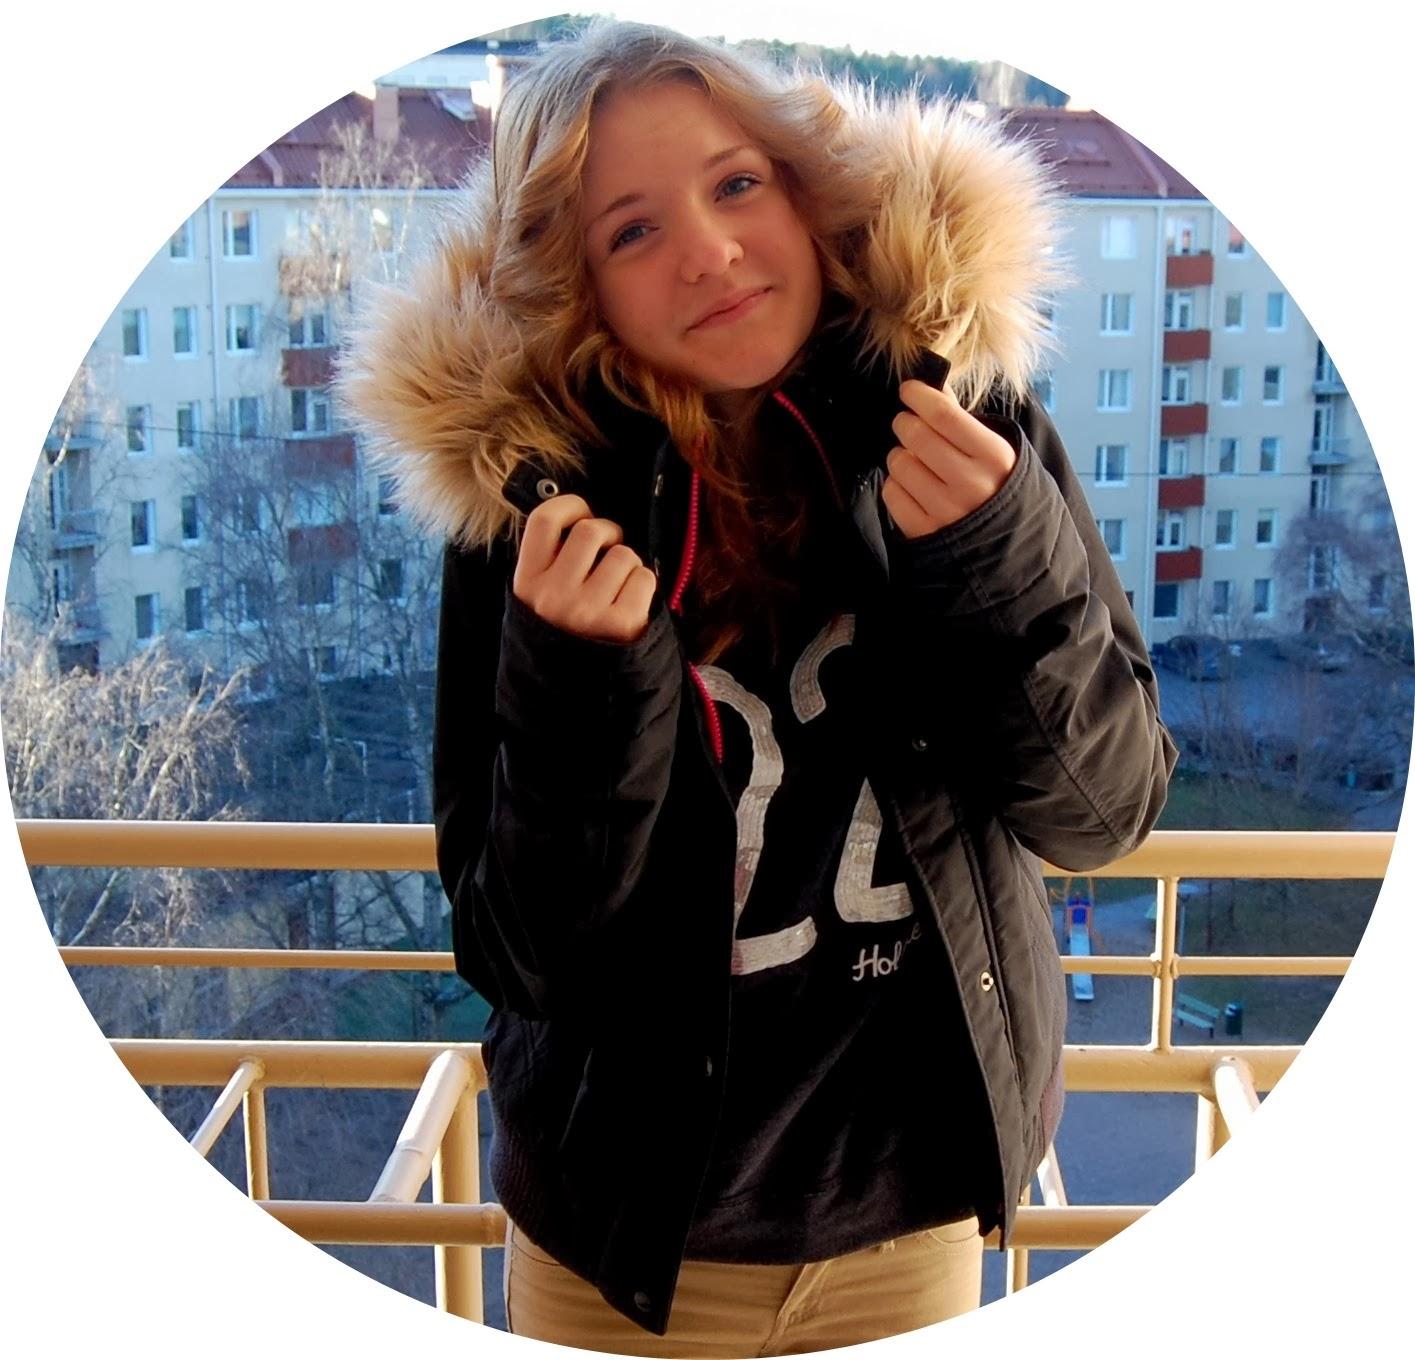 matilda, 14